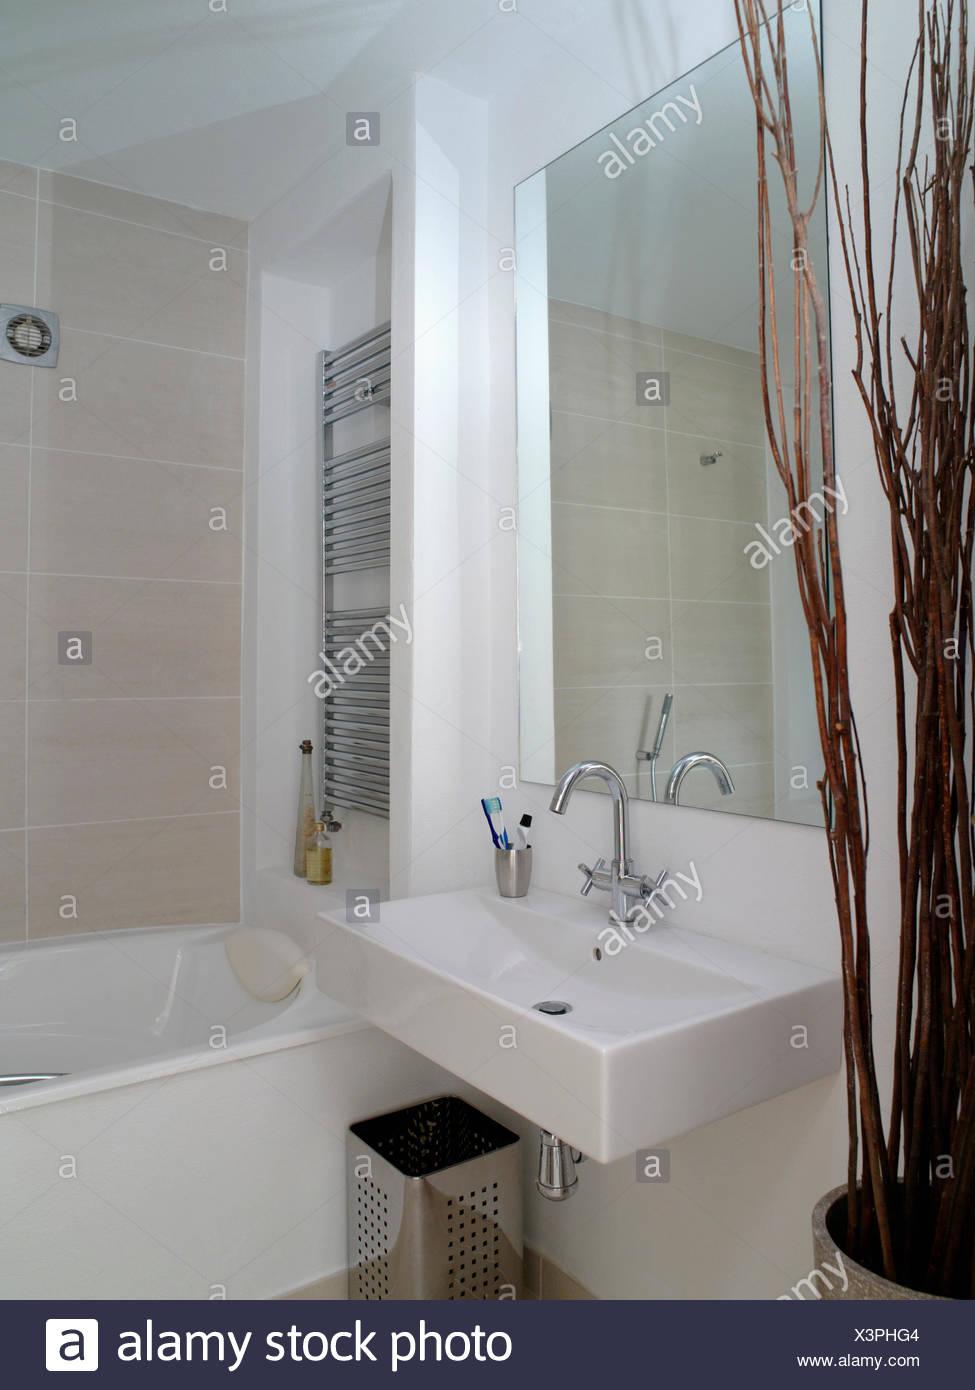 Piastrelle Piccole Per Bagno.Grande Specchio Sopra Rettangolare Bacino Bianco Accanto Al Bagno In